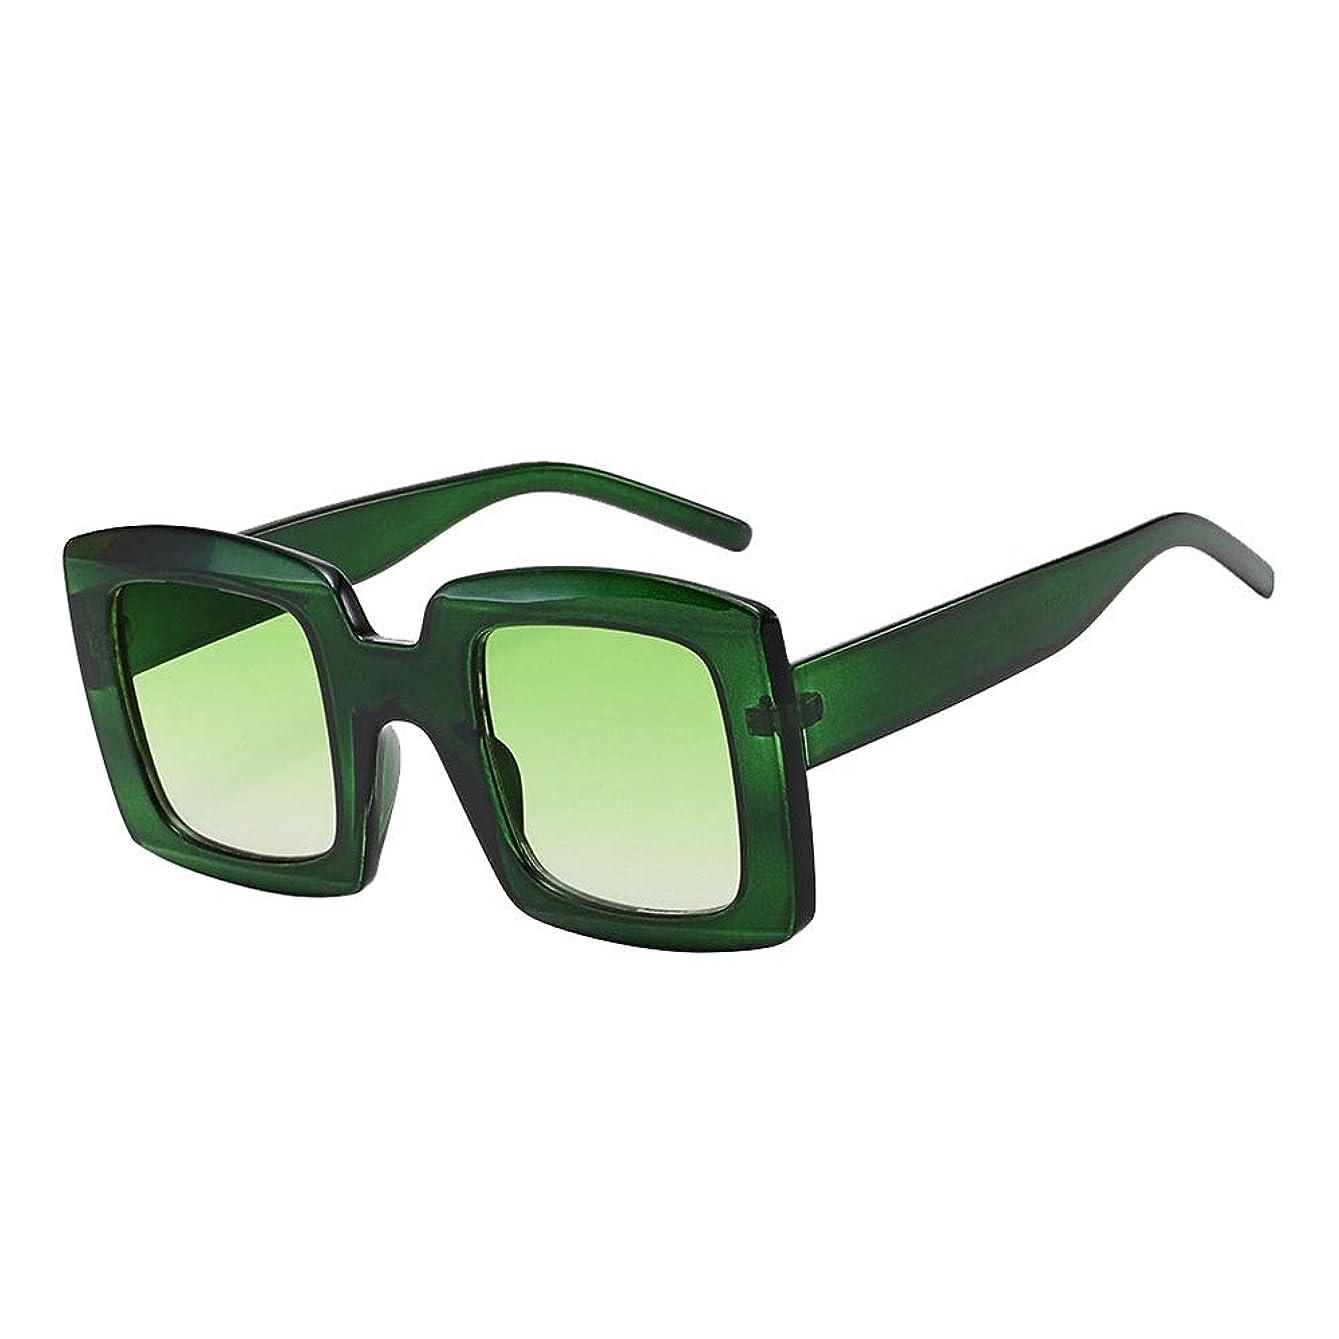 論文ジャンル話サングラス メンズ ユニセックスレトロスクエアサングラスはまぶしさを排除します有害な太陽光線遮断保護サイクリング釣り5色 スポーツ?アウトドアに最適 (Color : Green/green, Size : Free size)